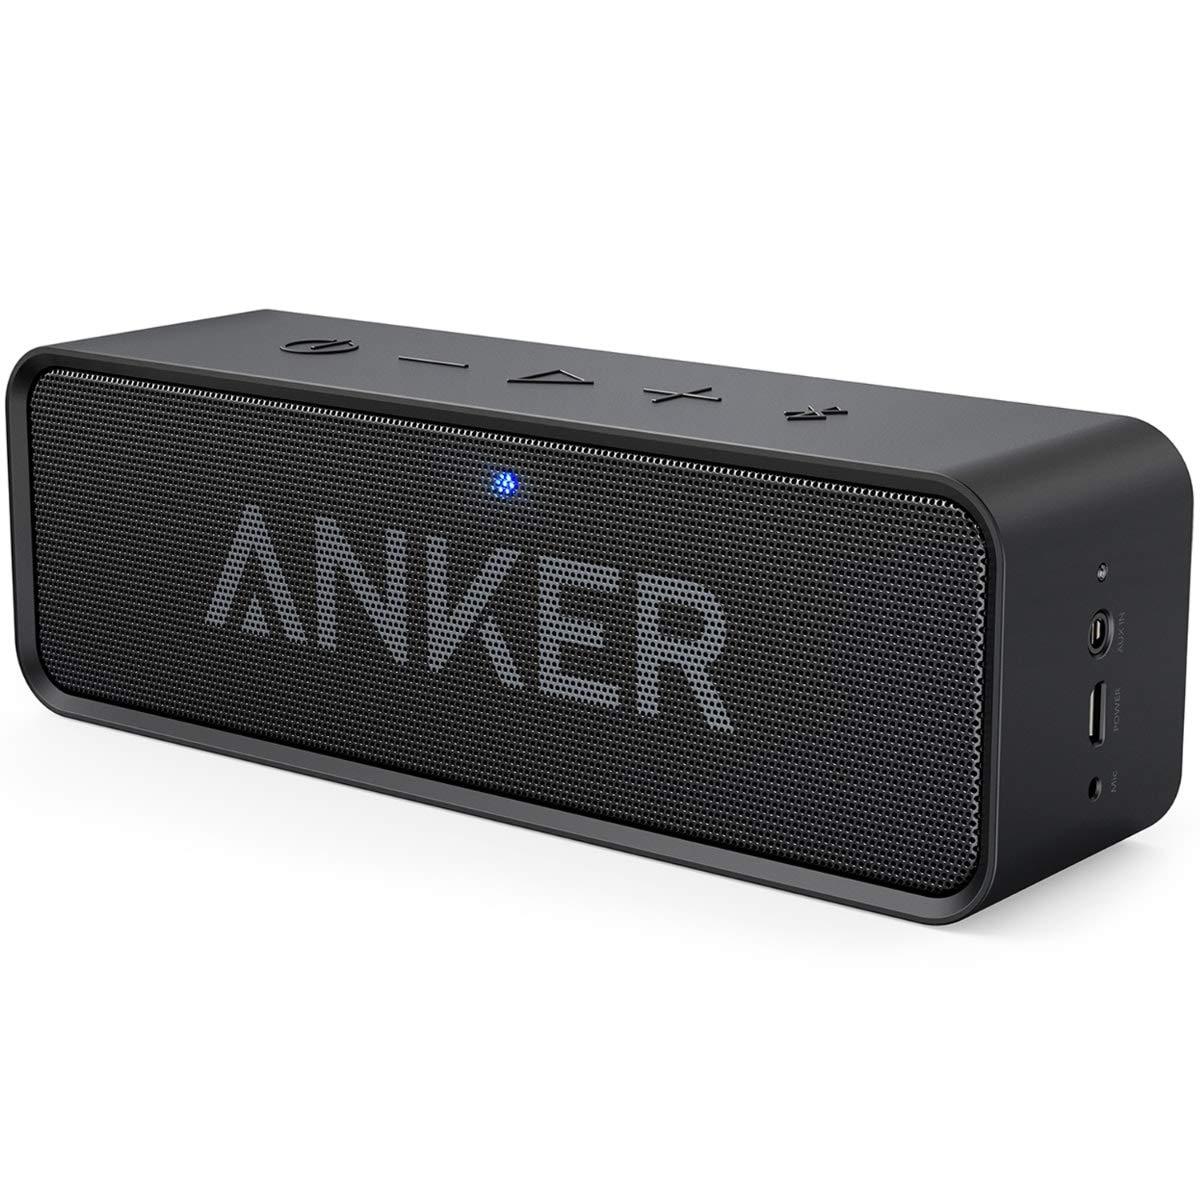 Anker Altoparlante Bluetooth SoundCore-Speaker Portatile Senza Fili con  Microfono Incorporato e Doppia Cassa 23e52da9f320